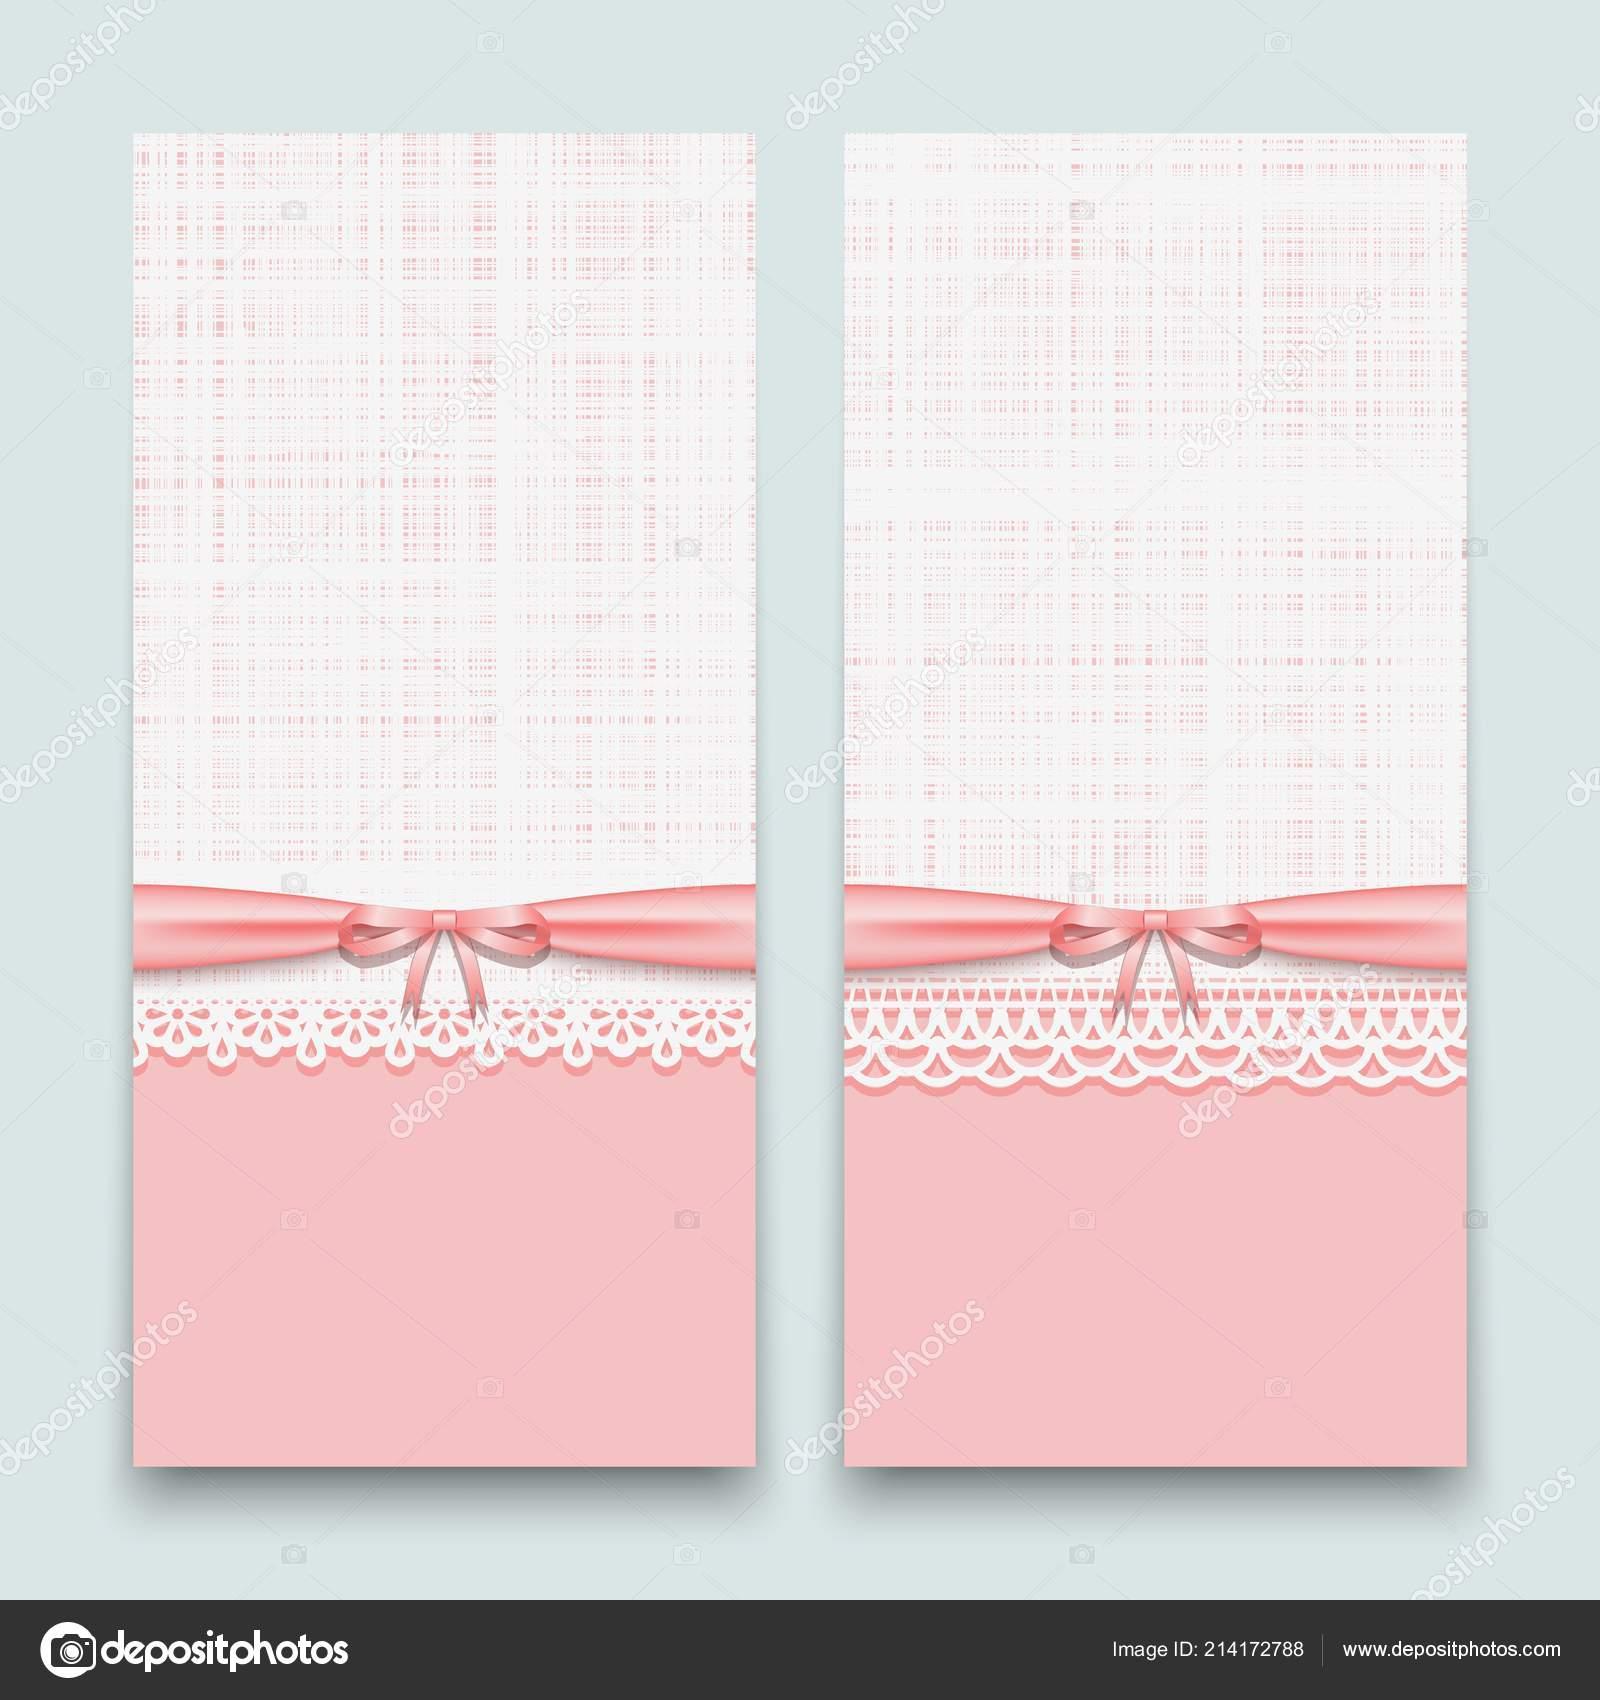 Tarjetas Rosa Encaje Con Cinta Lazo Diseño Invitaciones Boda ...